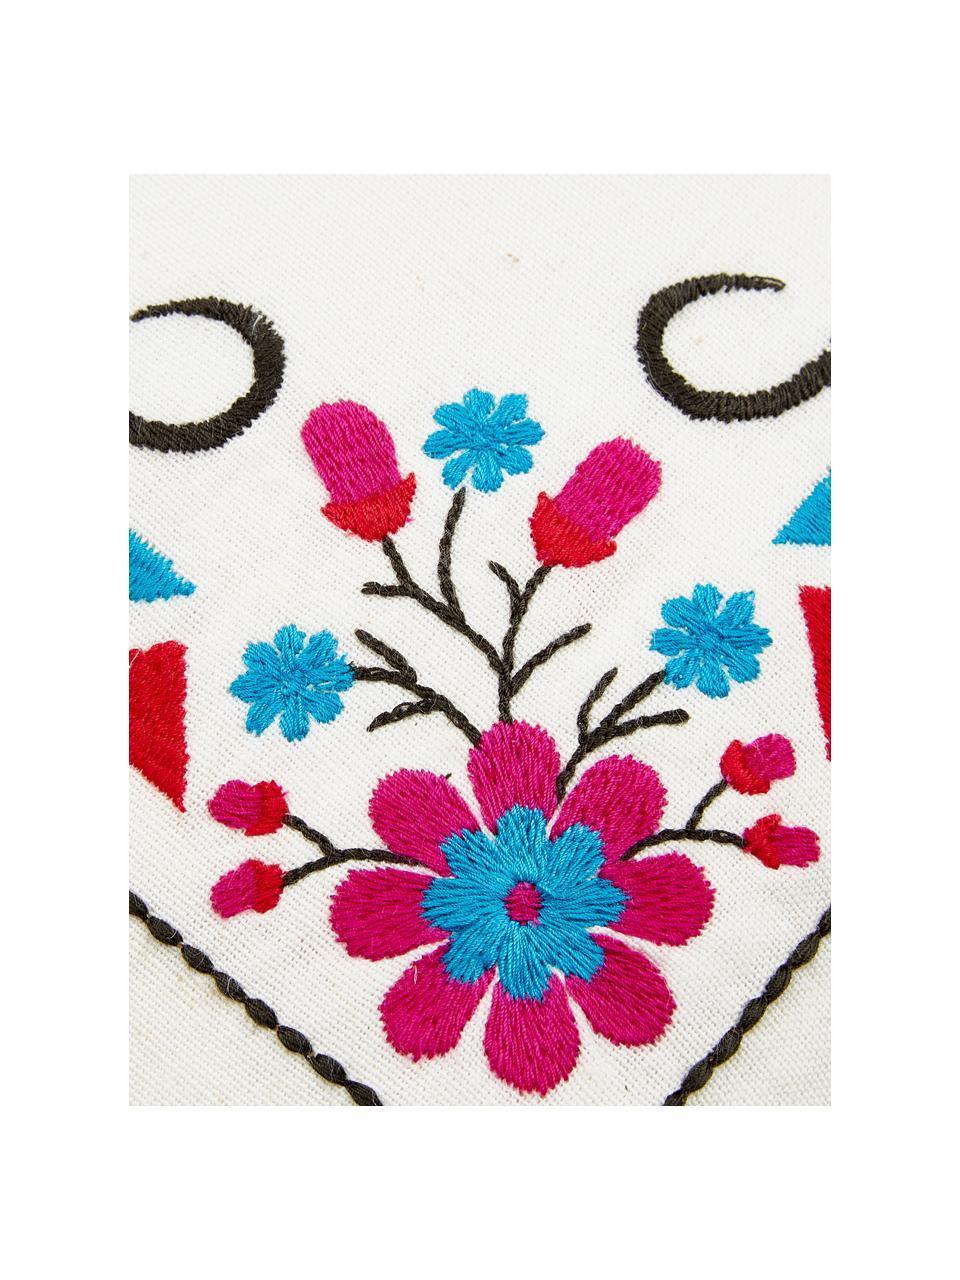 Kleurrijk geborduurde kussenhoes Viva la Vida, 100% katoen, Crèmewit, multicolour, 45 x 45 cm